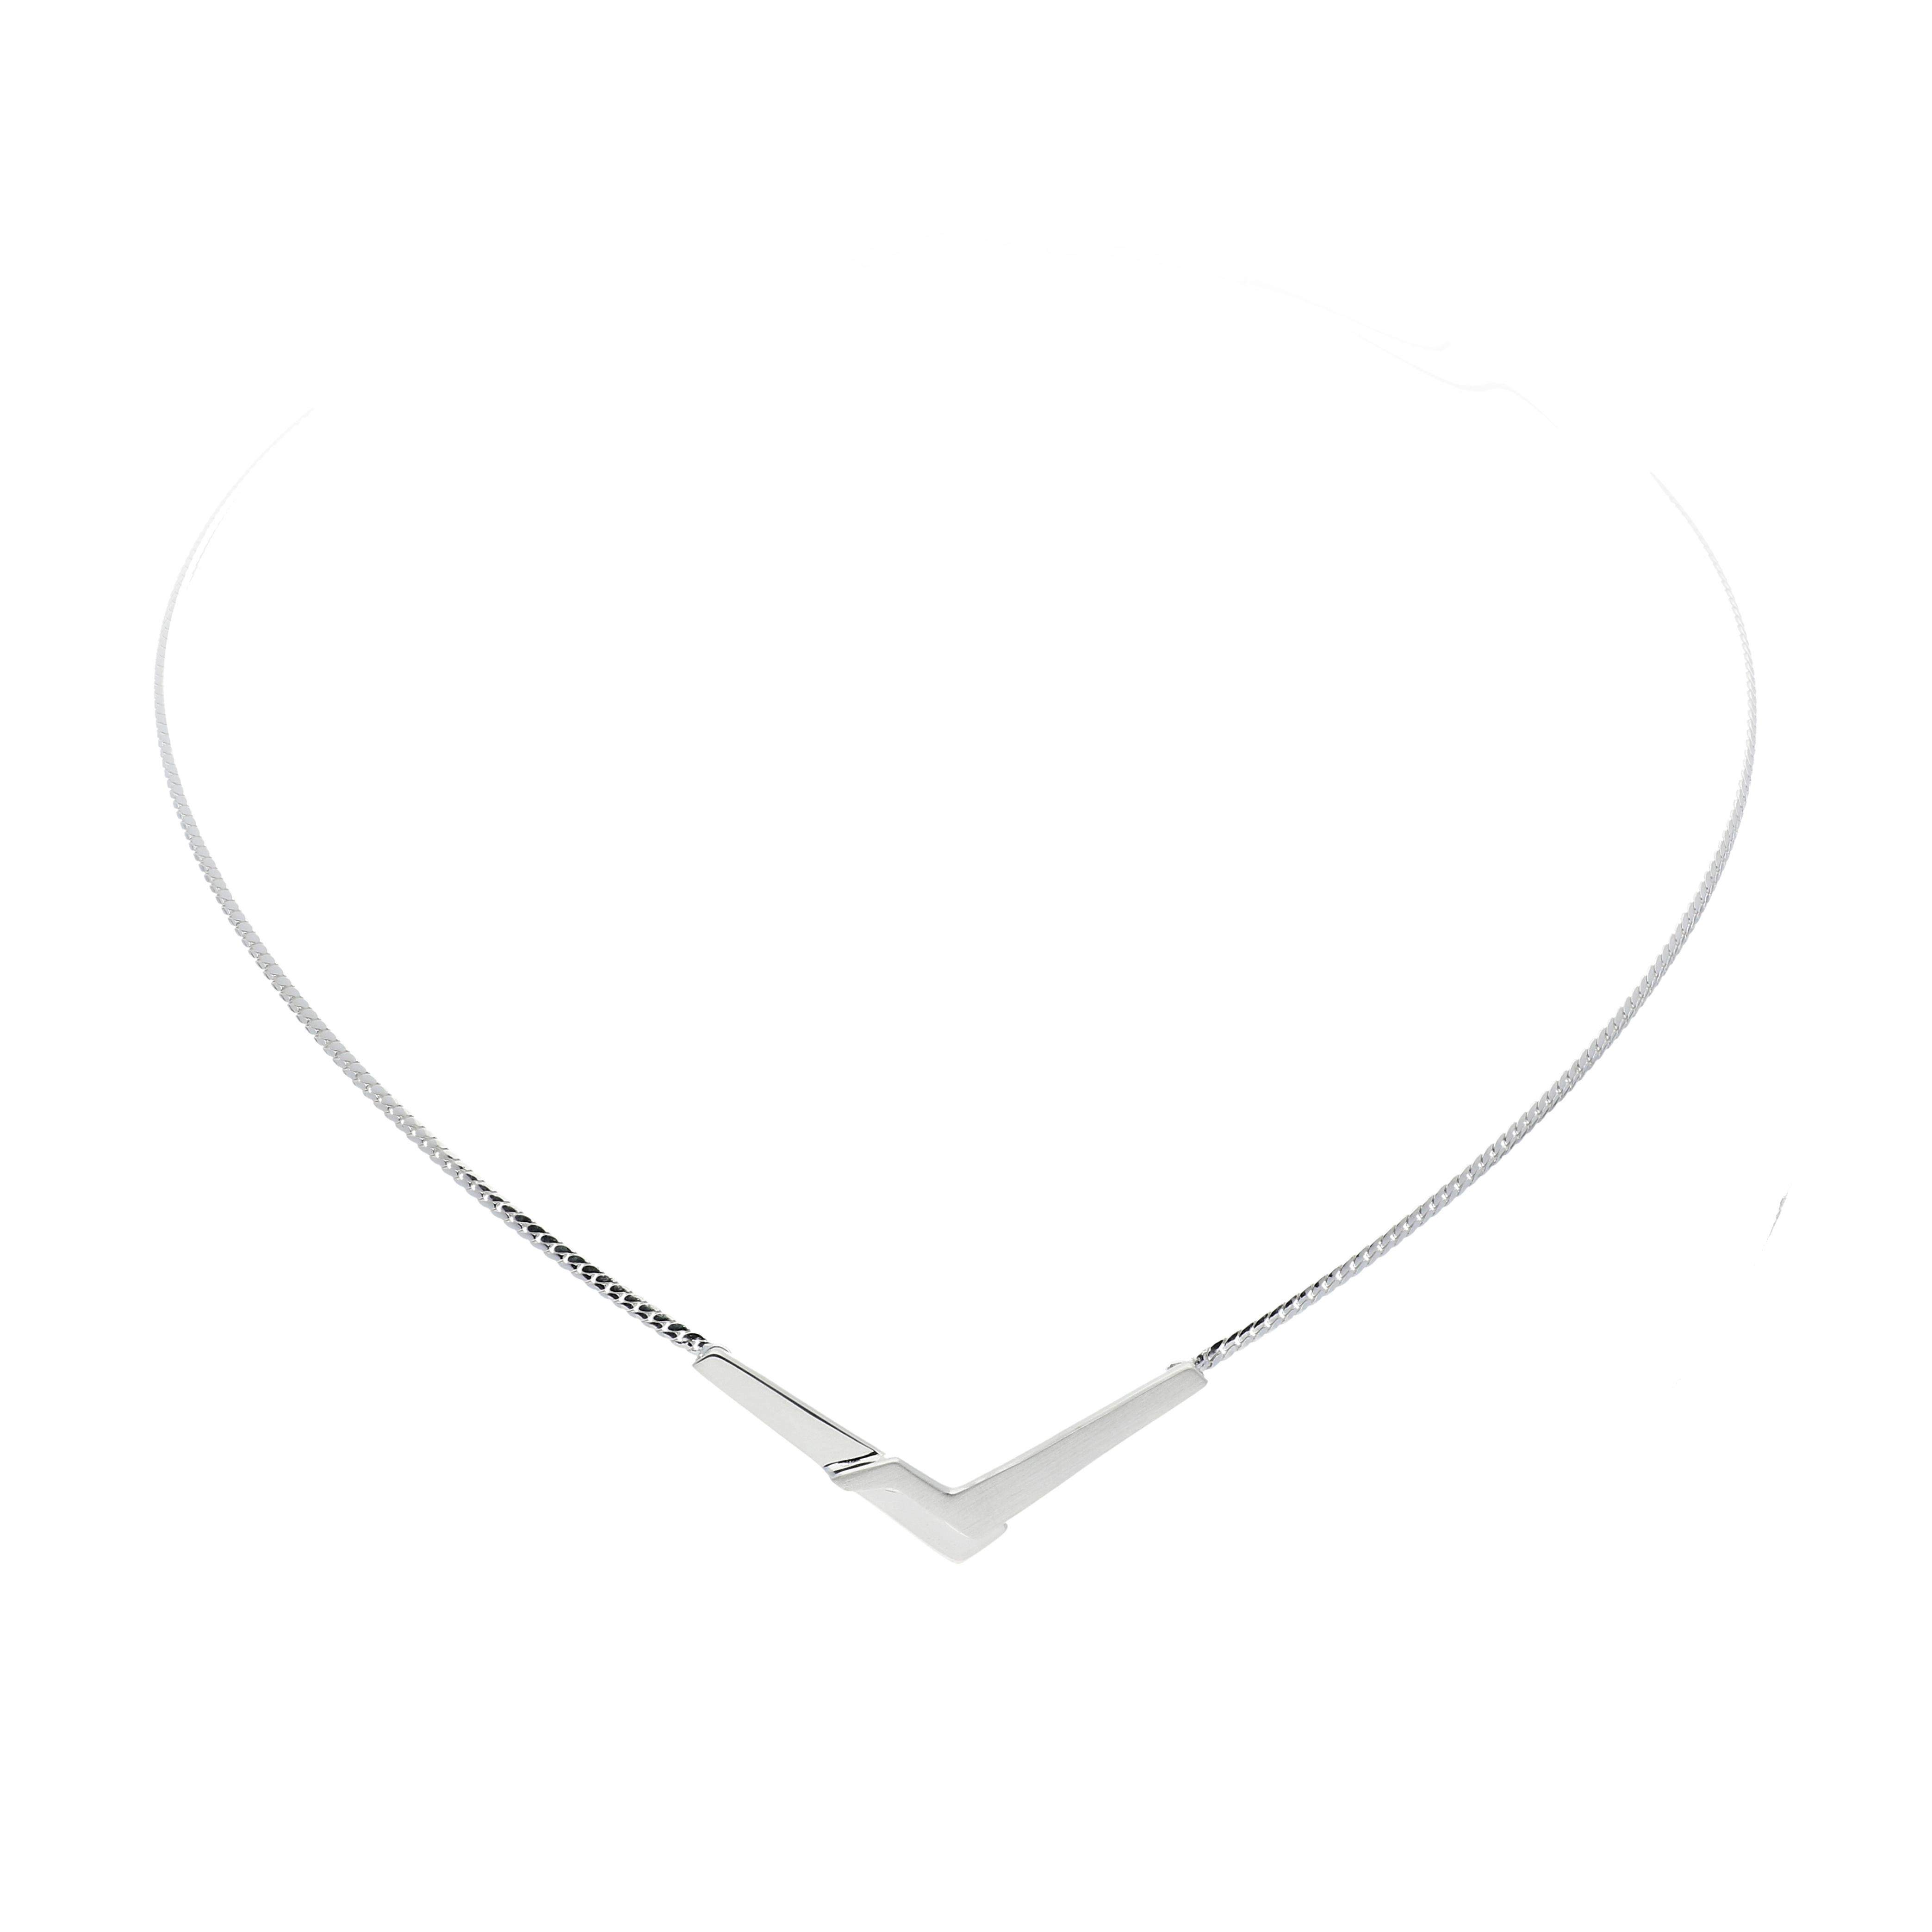 Afbeelding van Best Basics Ketting zilver met tussenstuk 103.0714.45